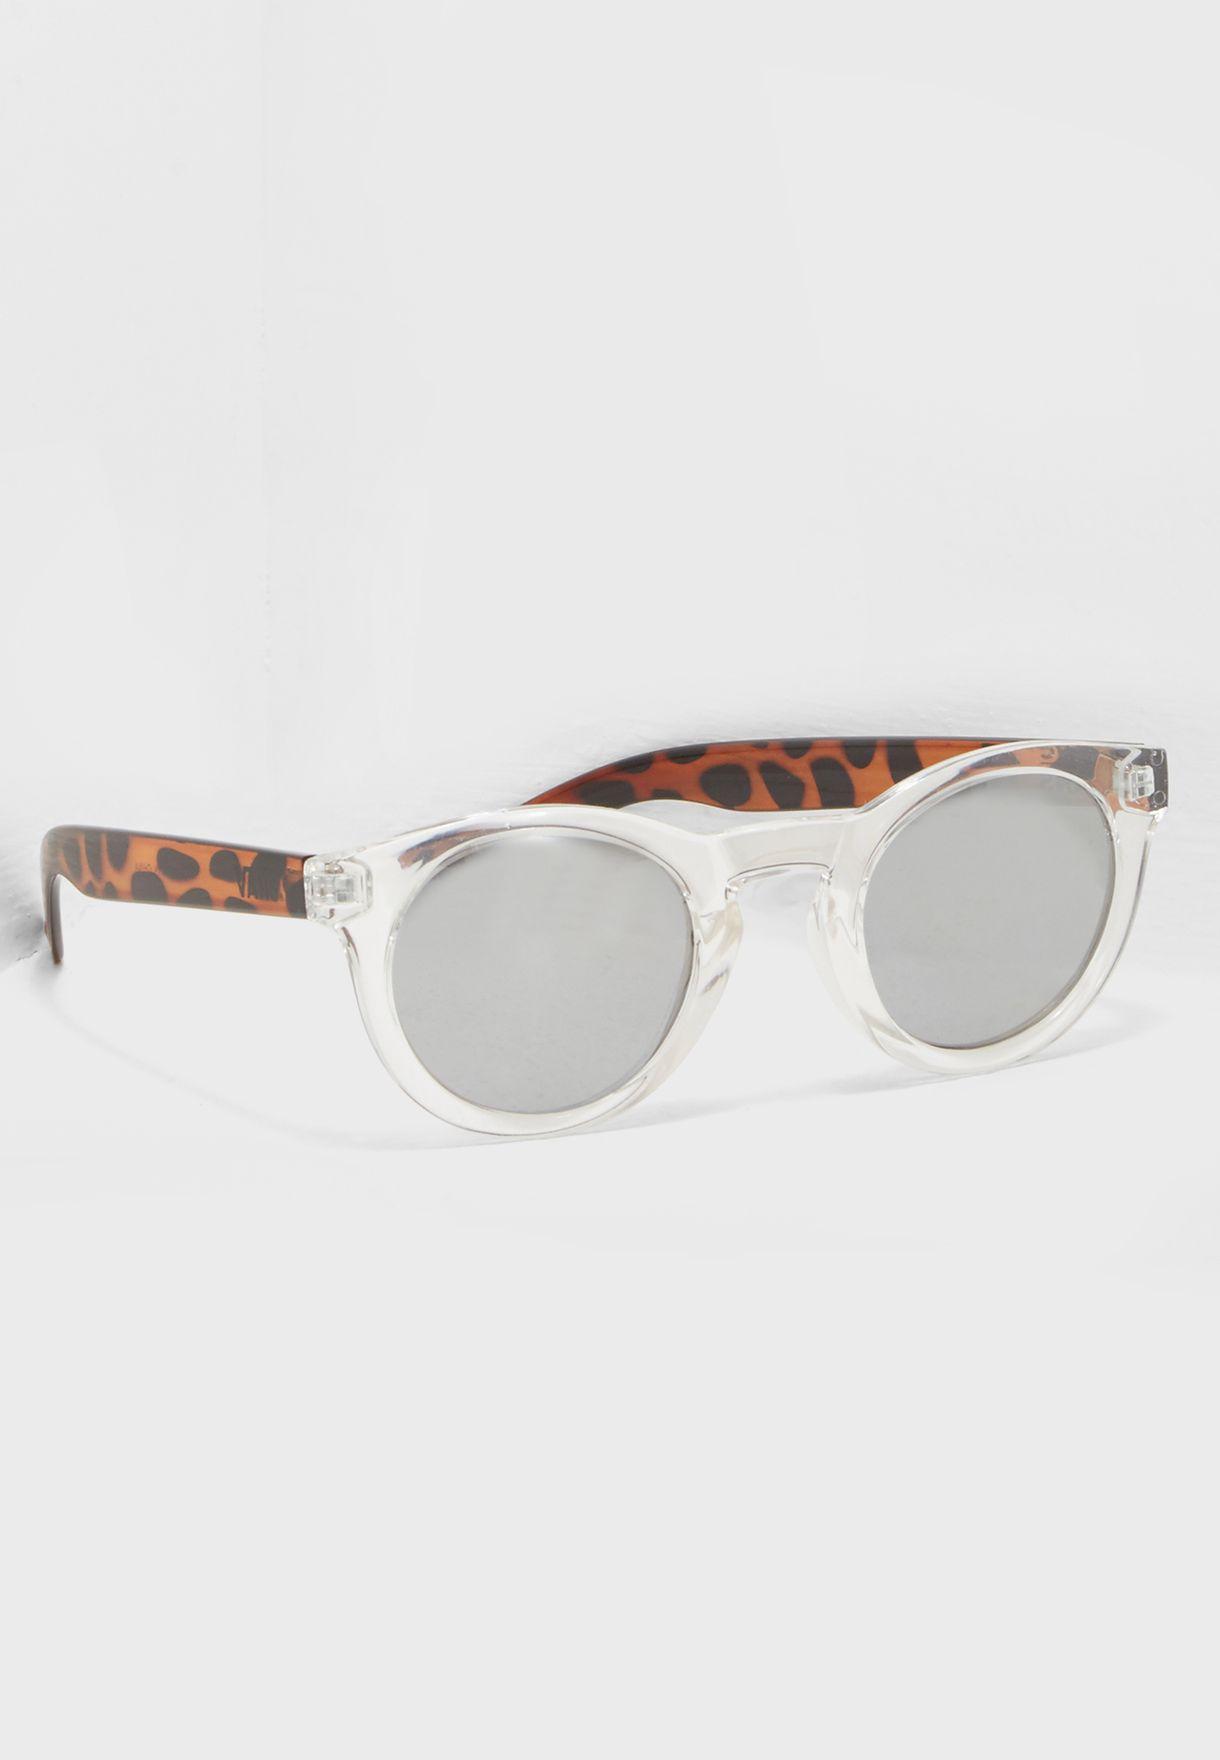 b52bad07a4ba79 Shop Vans clear Lolligagger Sunglasses VA31TAJ2Y for Women in Saudi ...